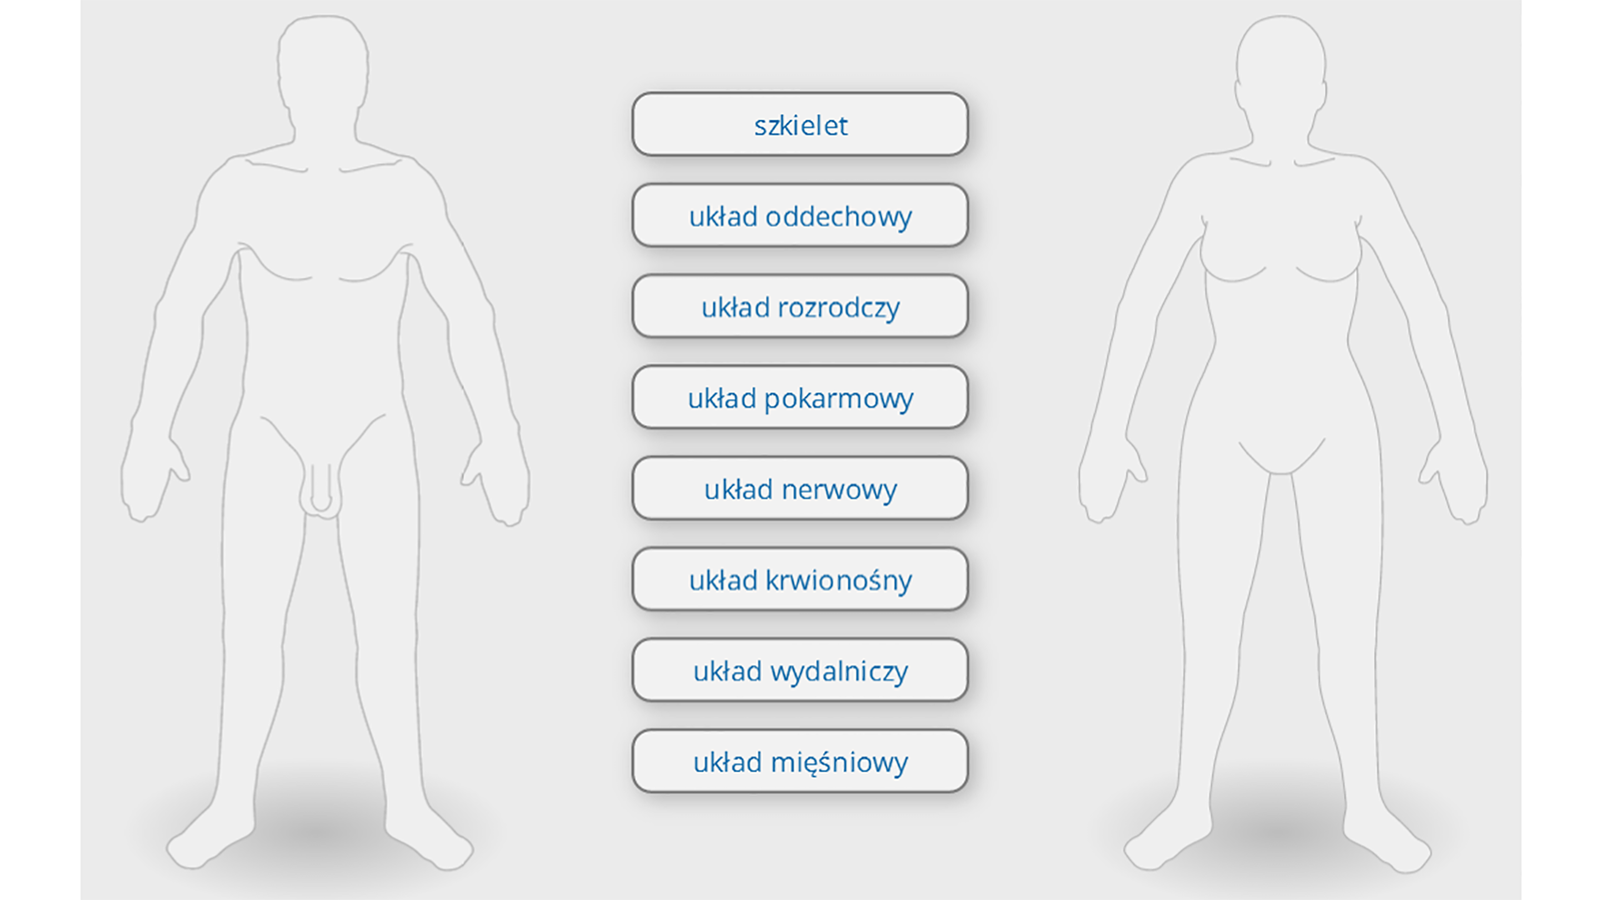 Ilustracja przedstawia budowę ciała człowieka. Widoczny jest kontur ciała, obok niego znajdują się tabliczki znazwami układów. ludzkiego, awnim